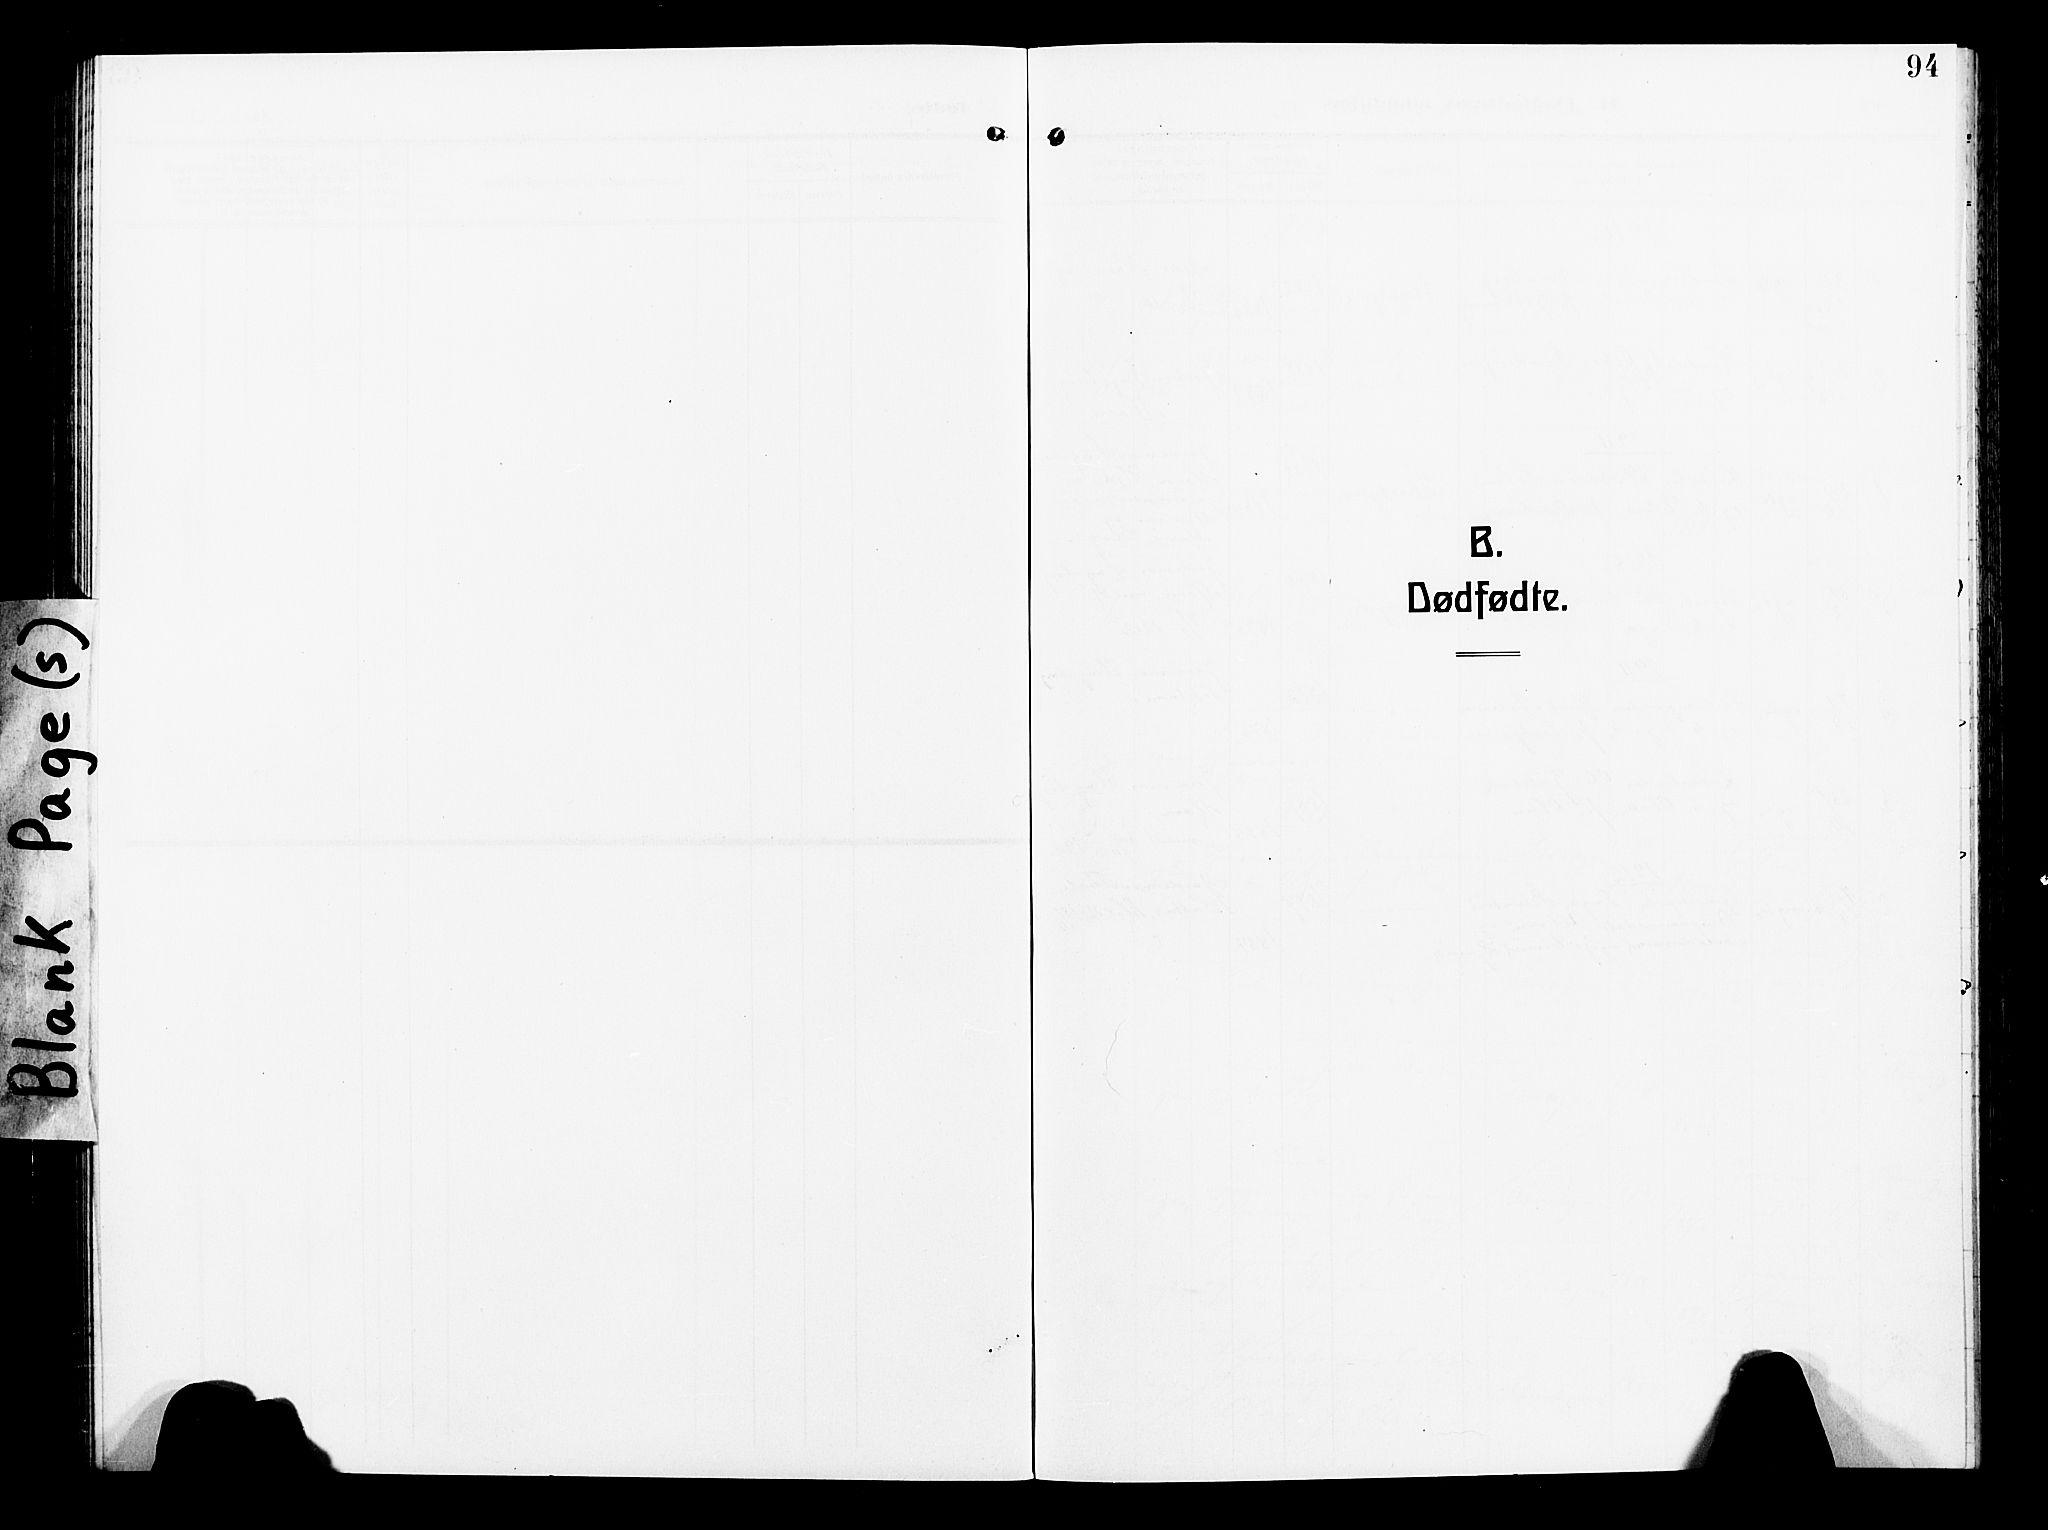 SAT, Ministerialprotokoller, klokkerbøker og fødselsregistre - Nord-Trøndelag, 739/L0376: Klokkerbok nr. 739C04, 1908-1917, s. 94